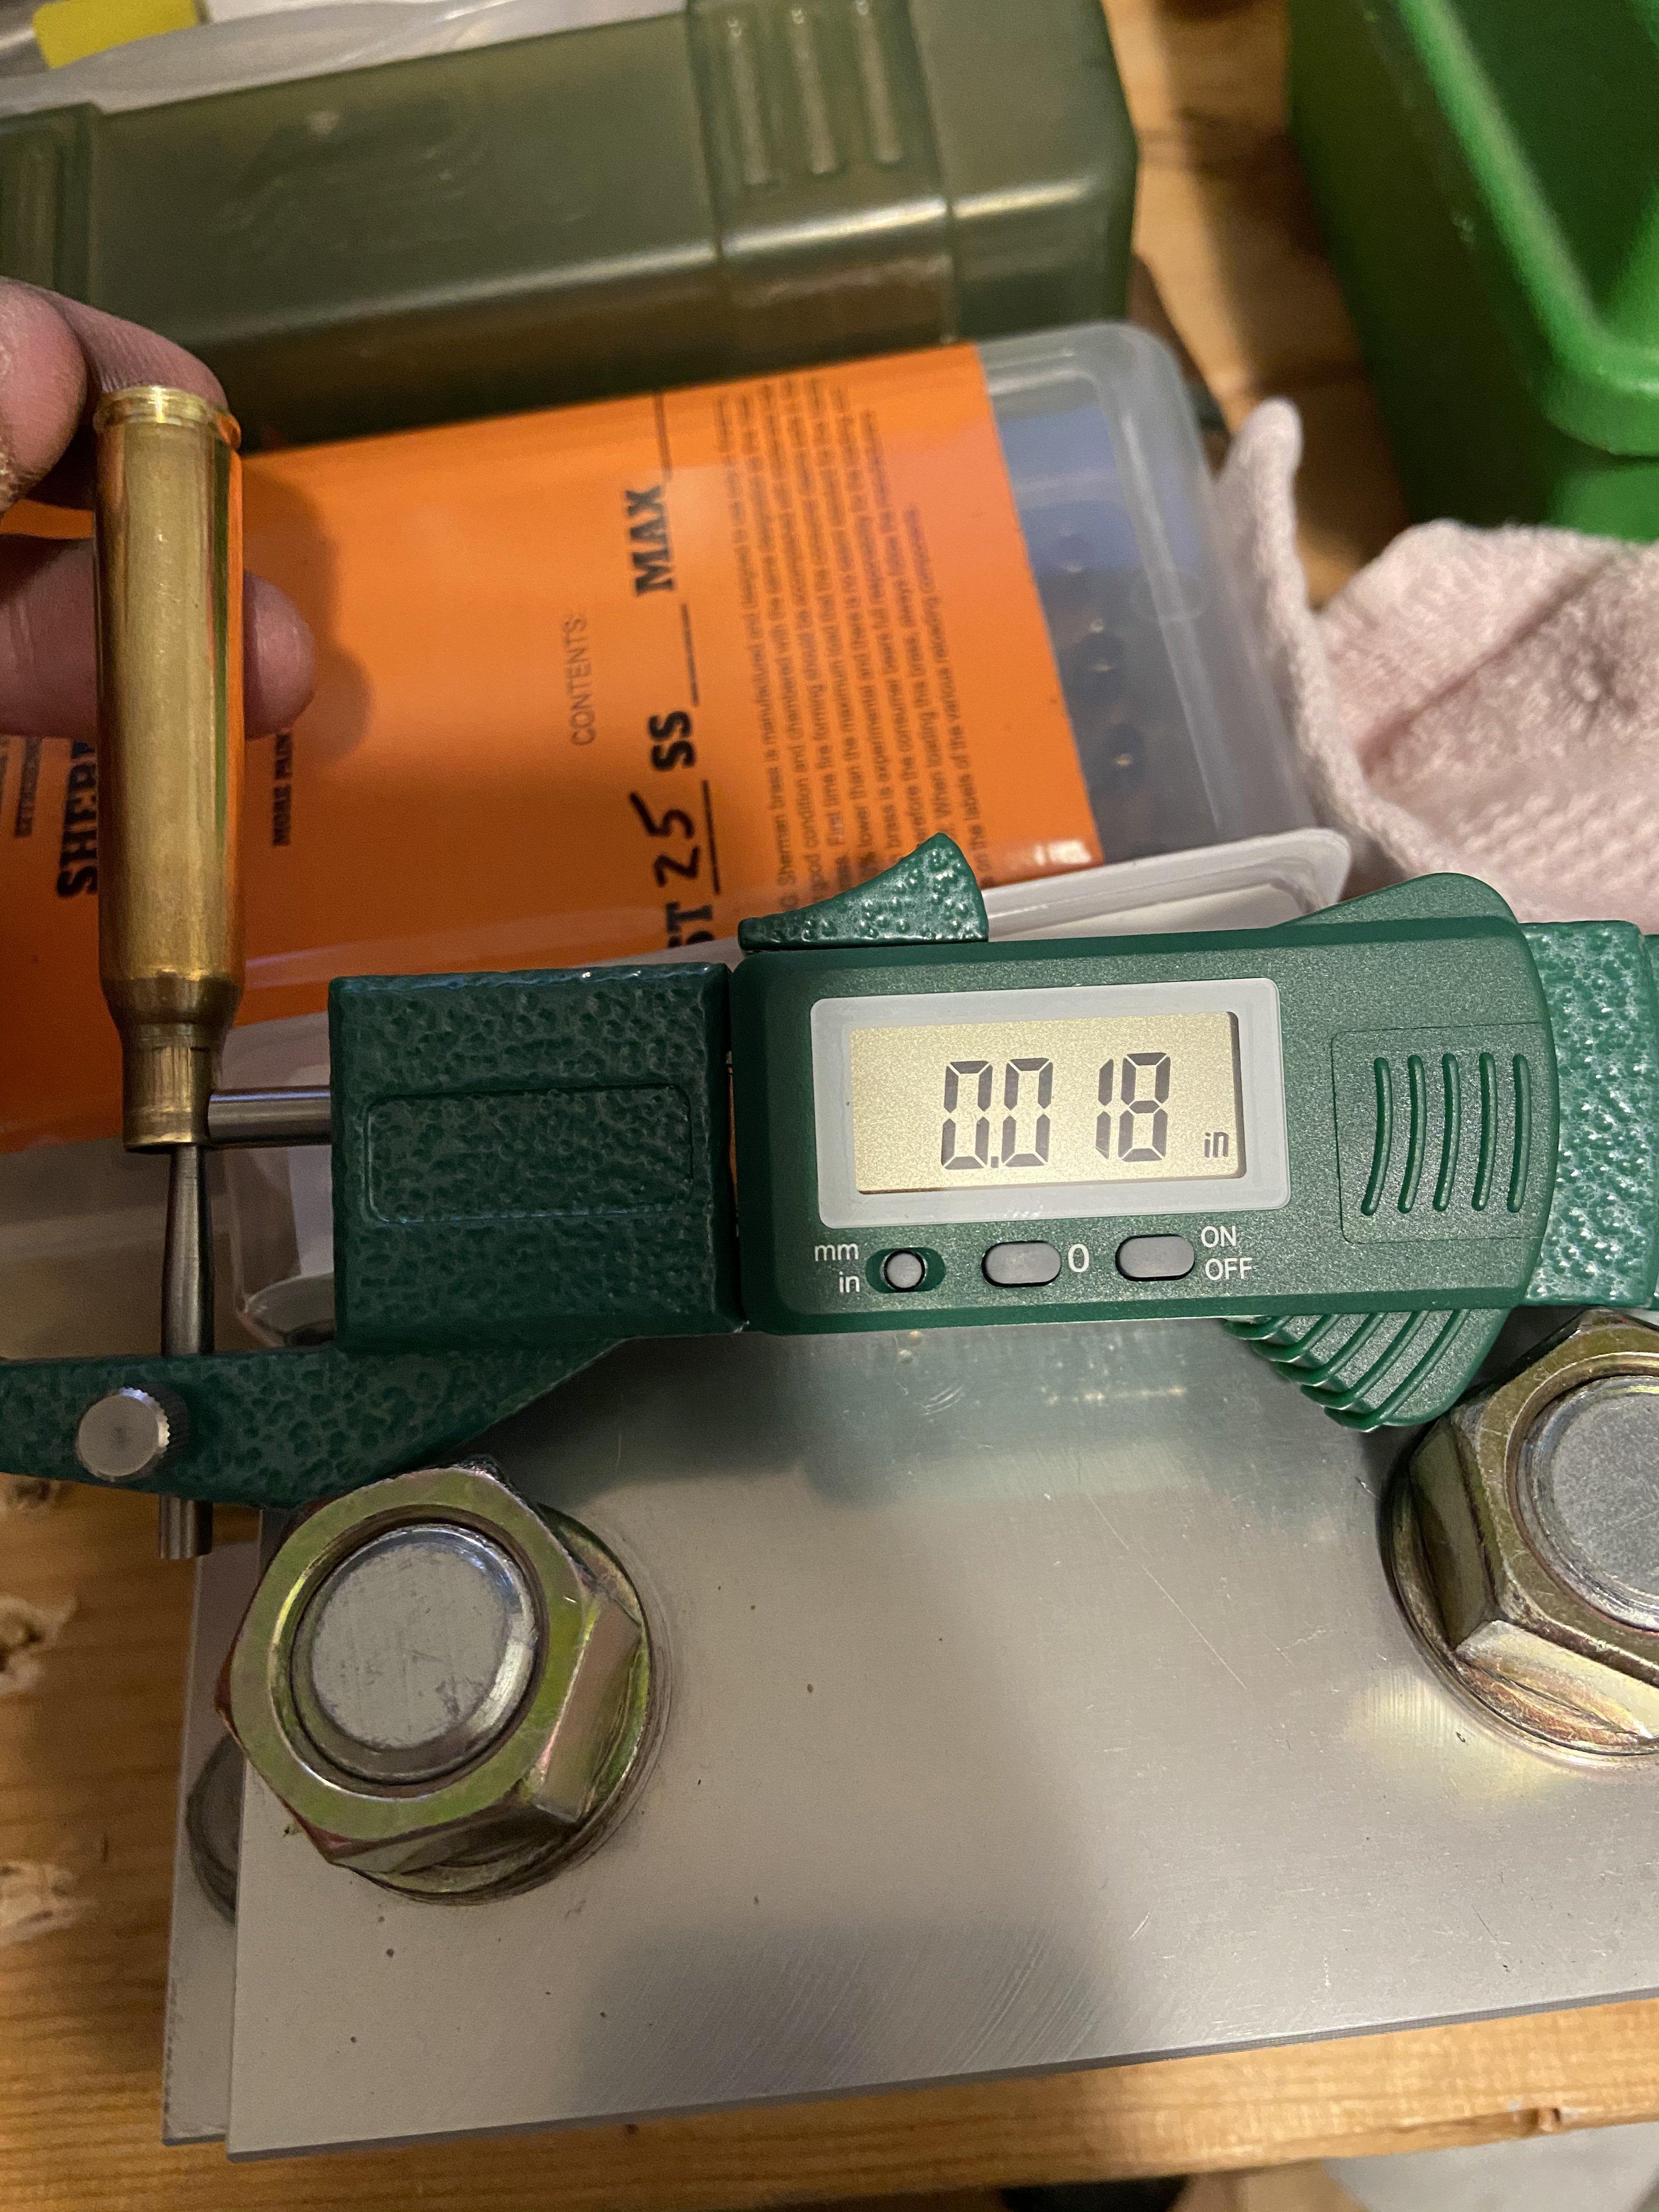 B9985416-F795-4CE8-ACBD-506E6C606057.jpeg